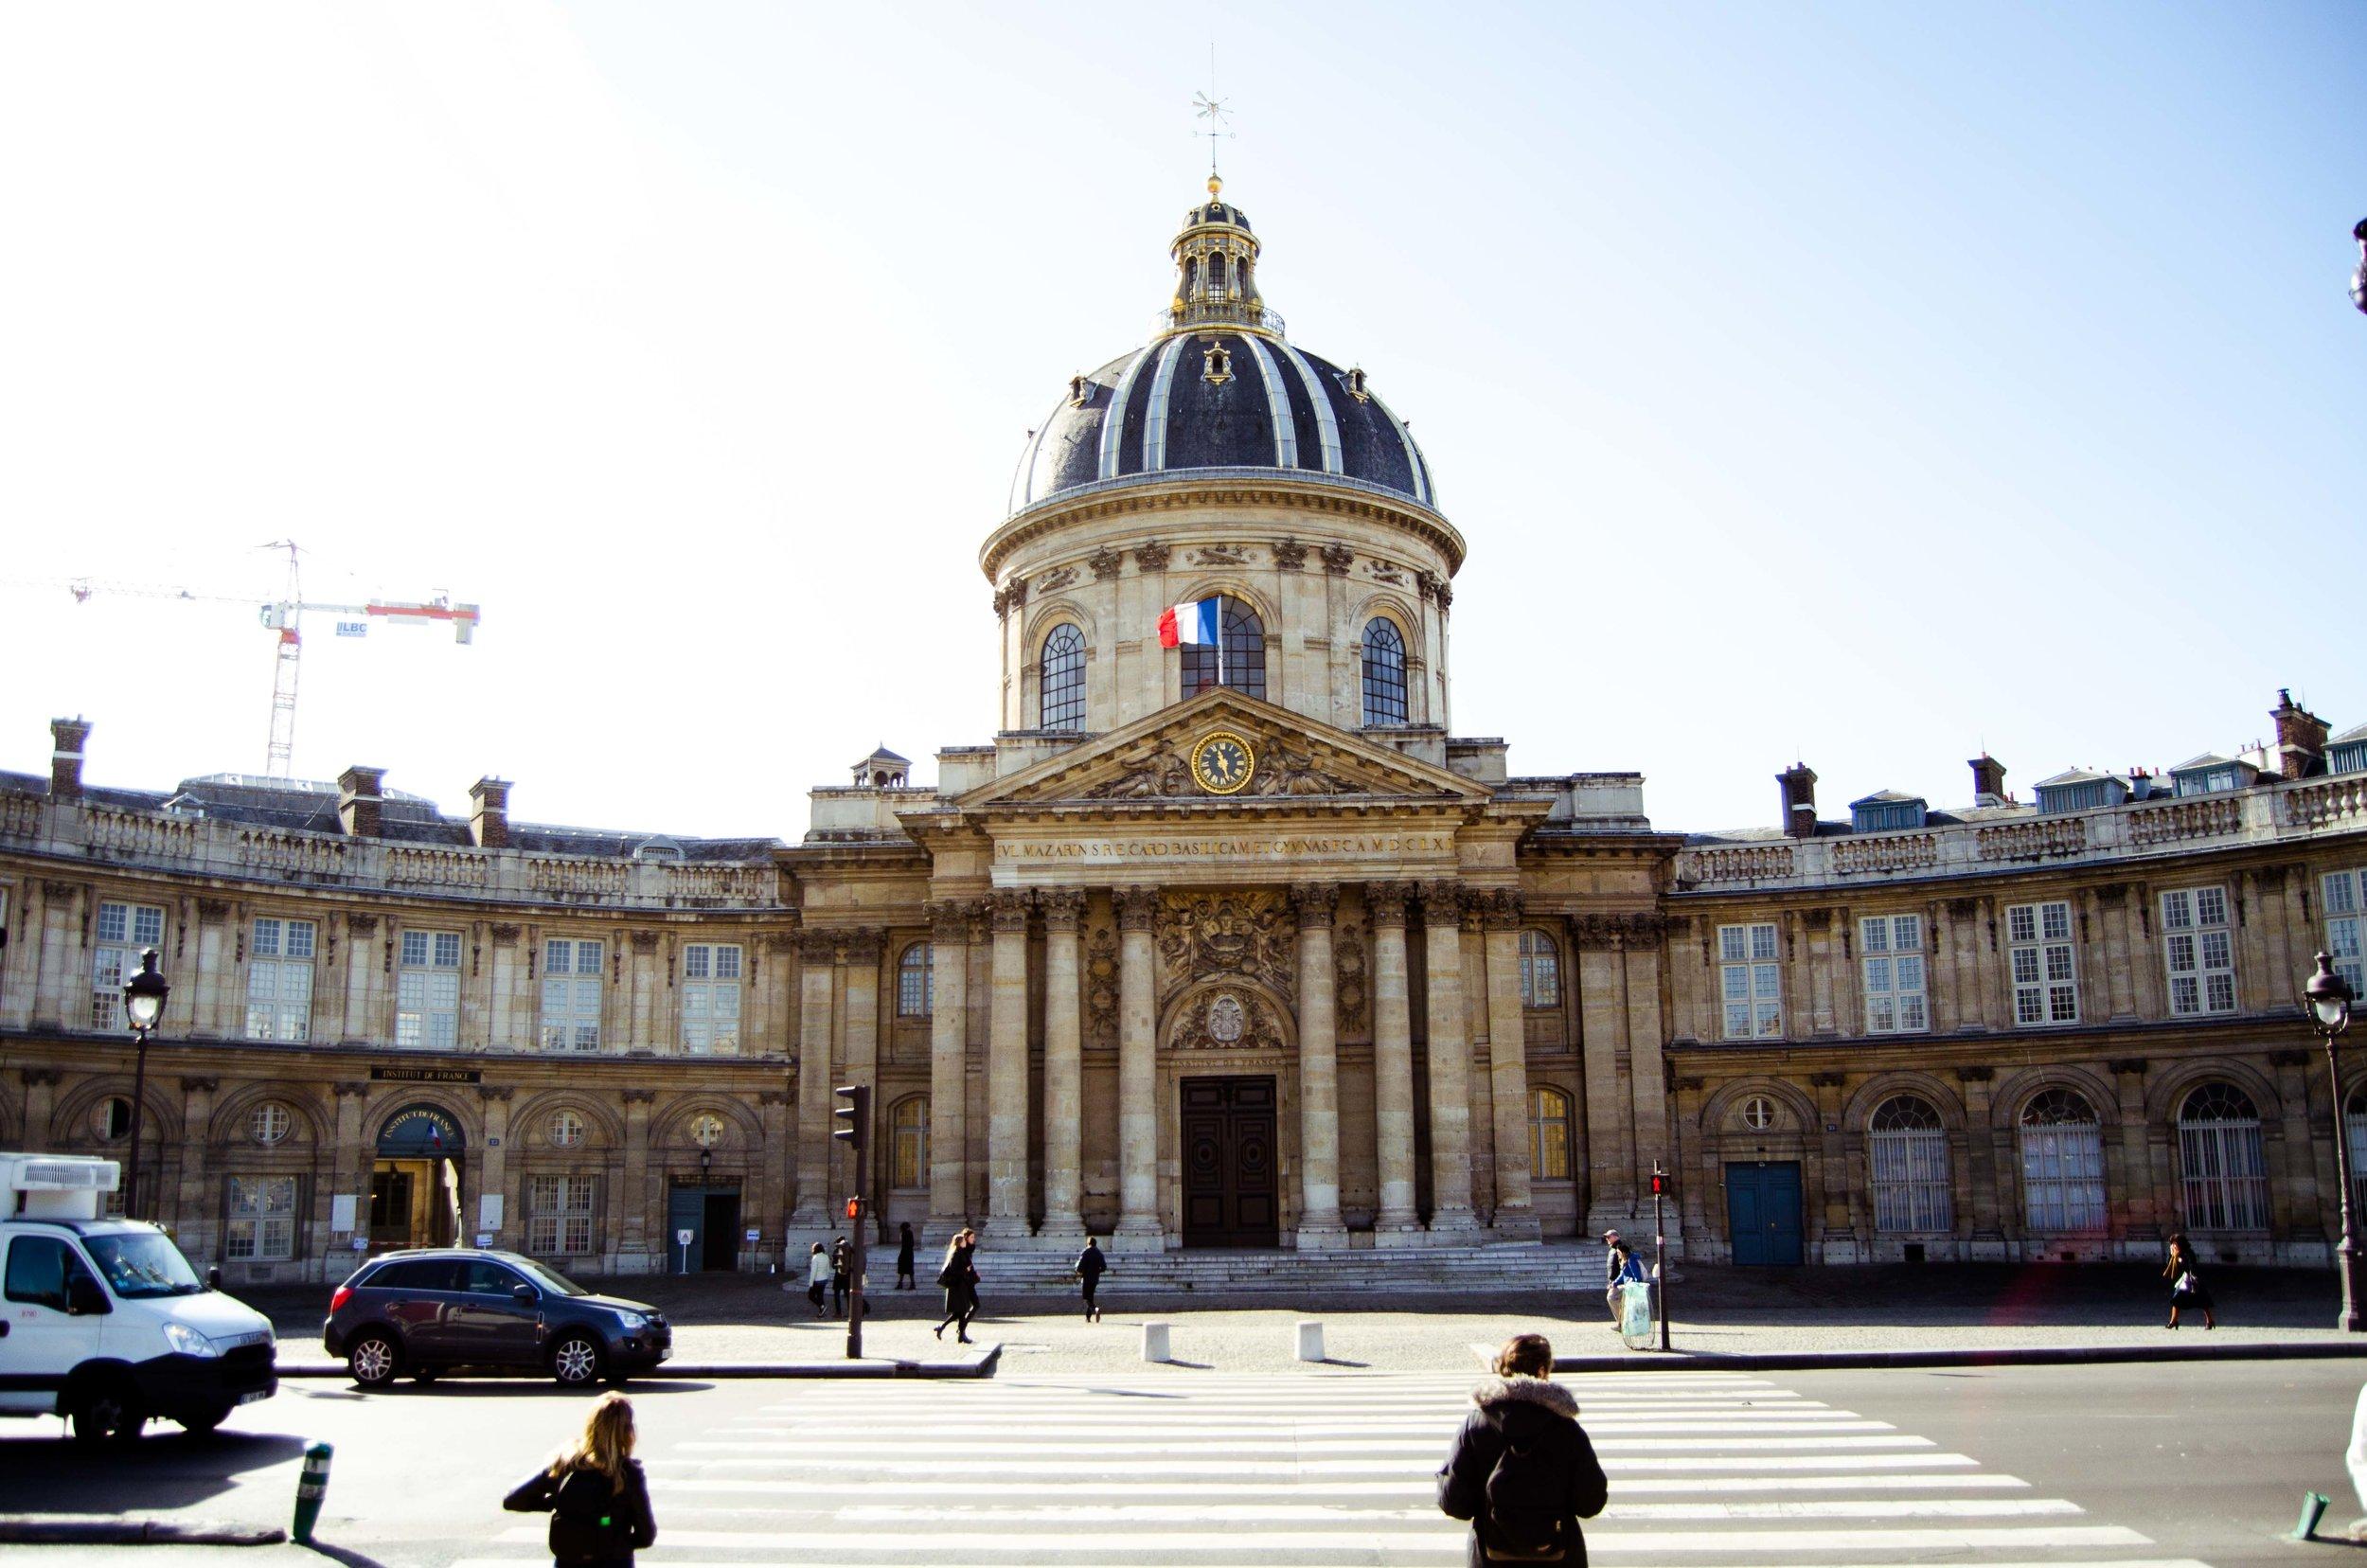 march 2 // Institut de France as seen from Les Pont des Arts